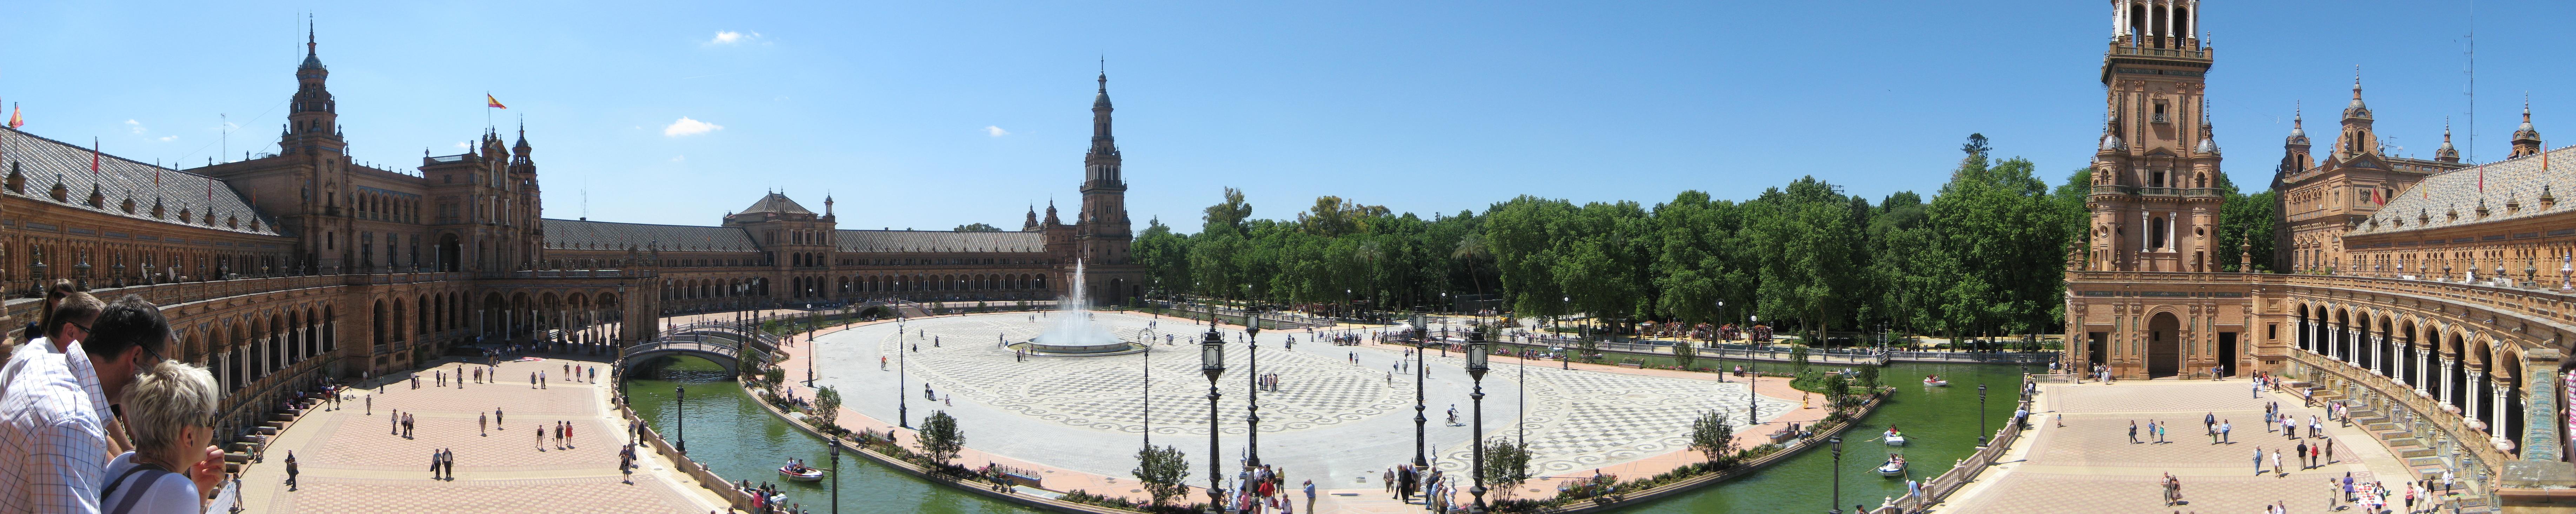 info chat espana: